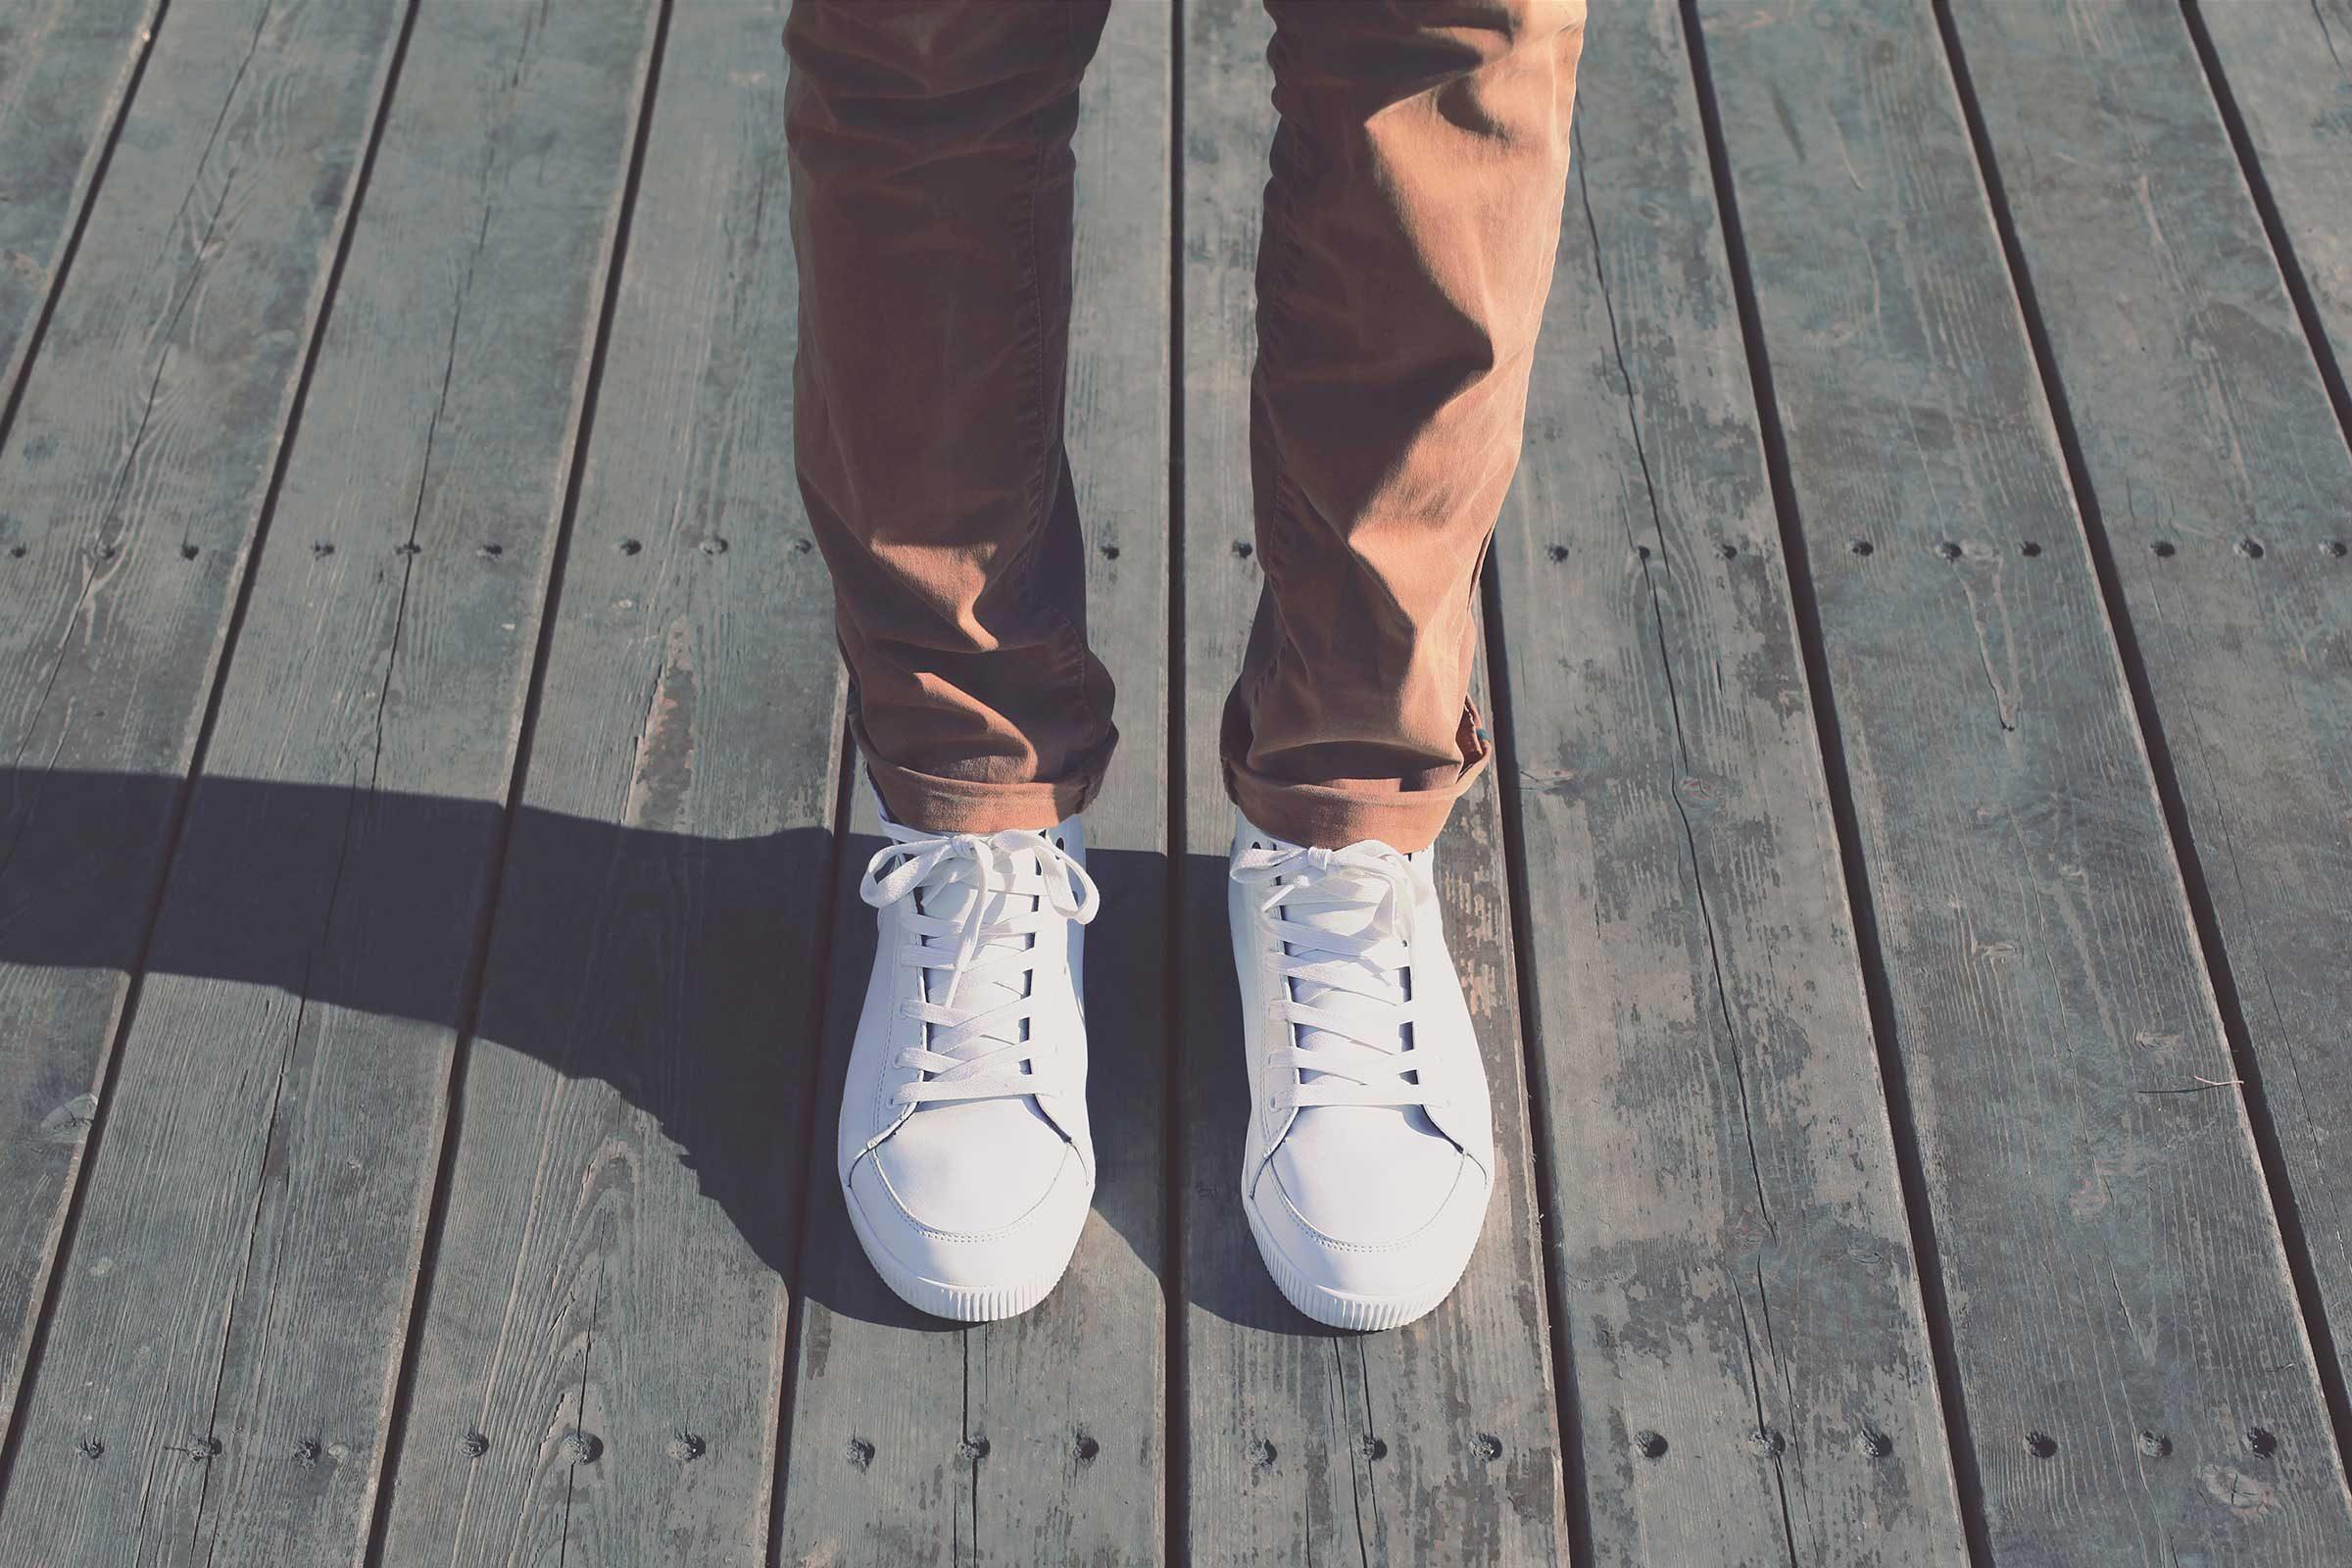 Salt deodorizes sneakers